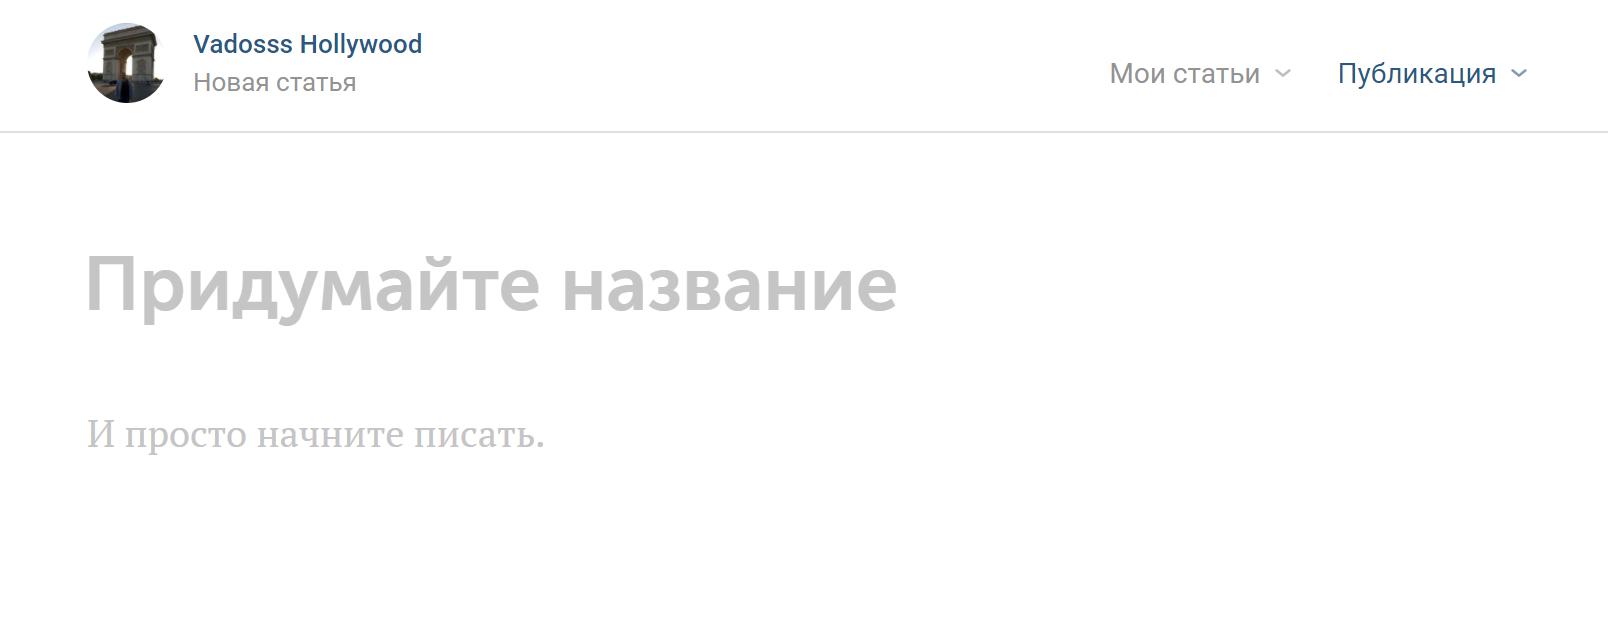 Редактор статей в VK